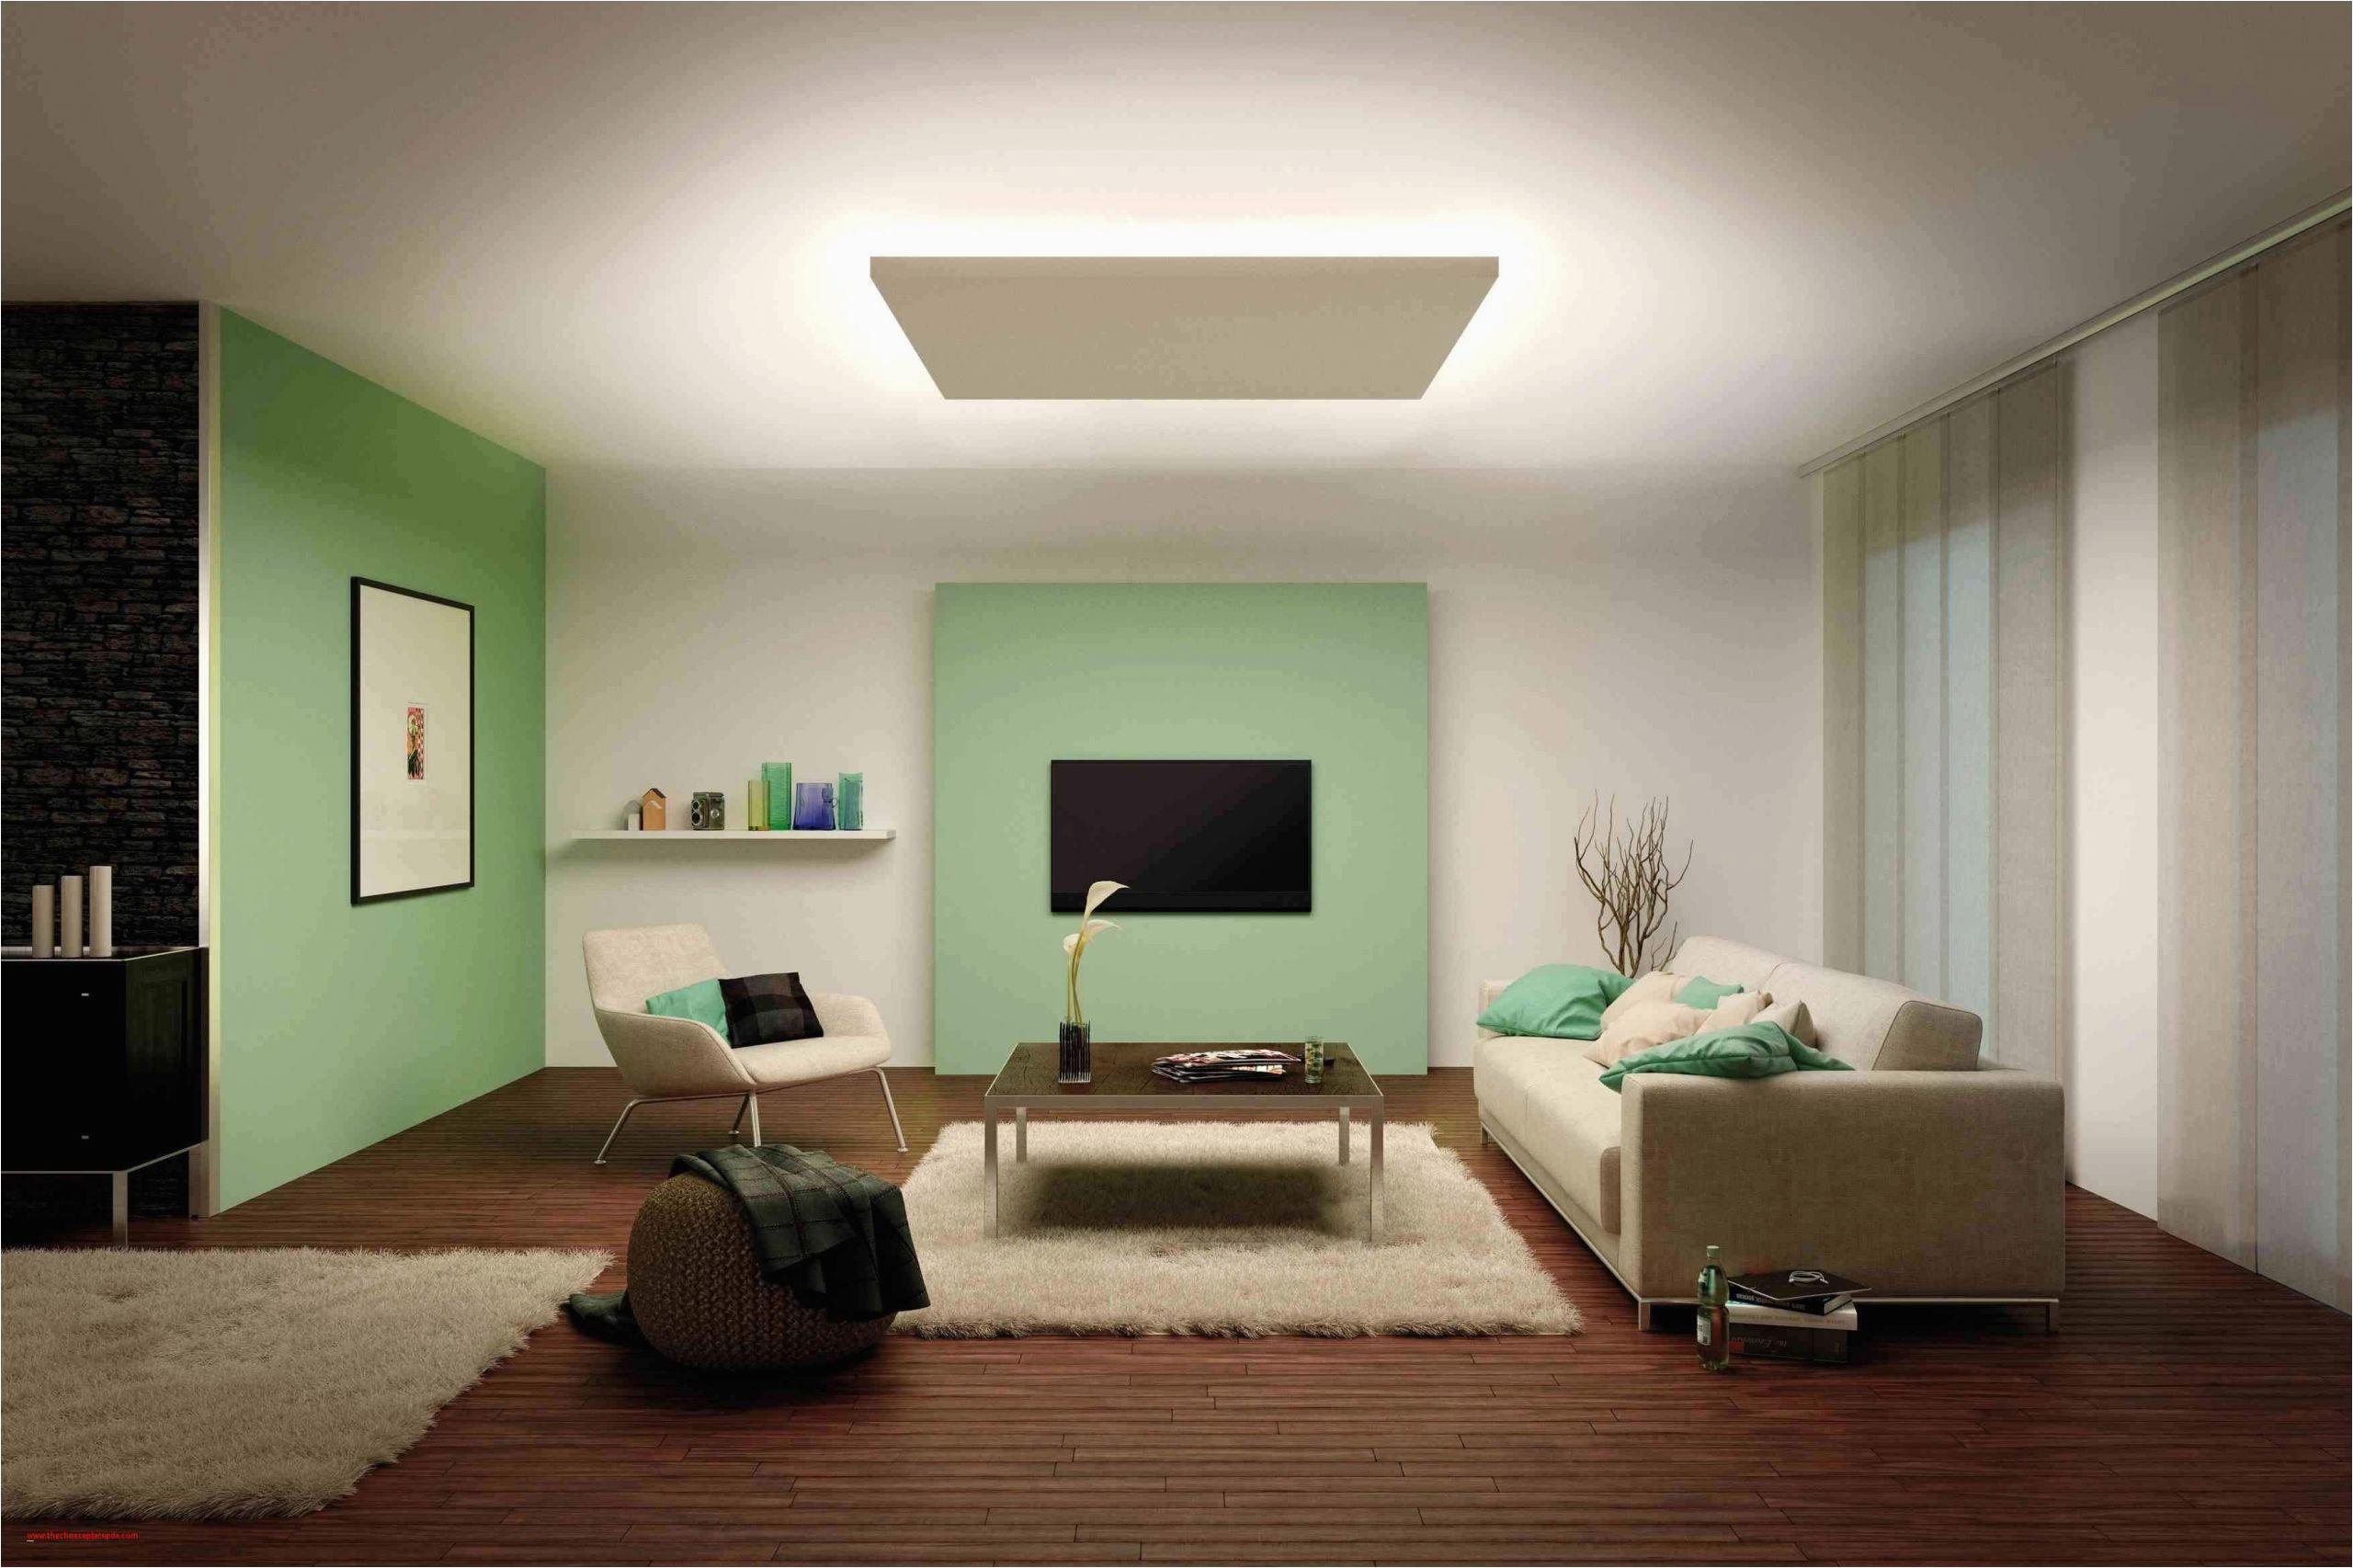 hoffner wohnzimmer inspirierend schon wohnzimmer mobel hoffner sensationell m c3 b6bel h of hoffner wohnzimmer scaled